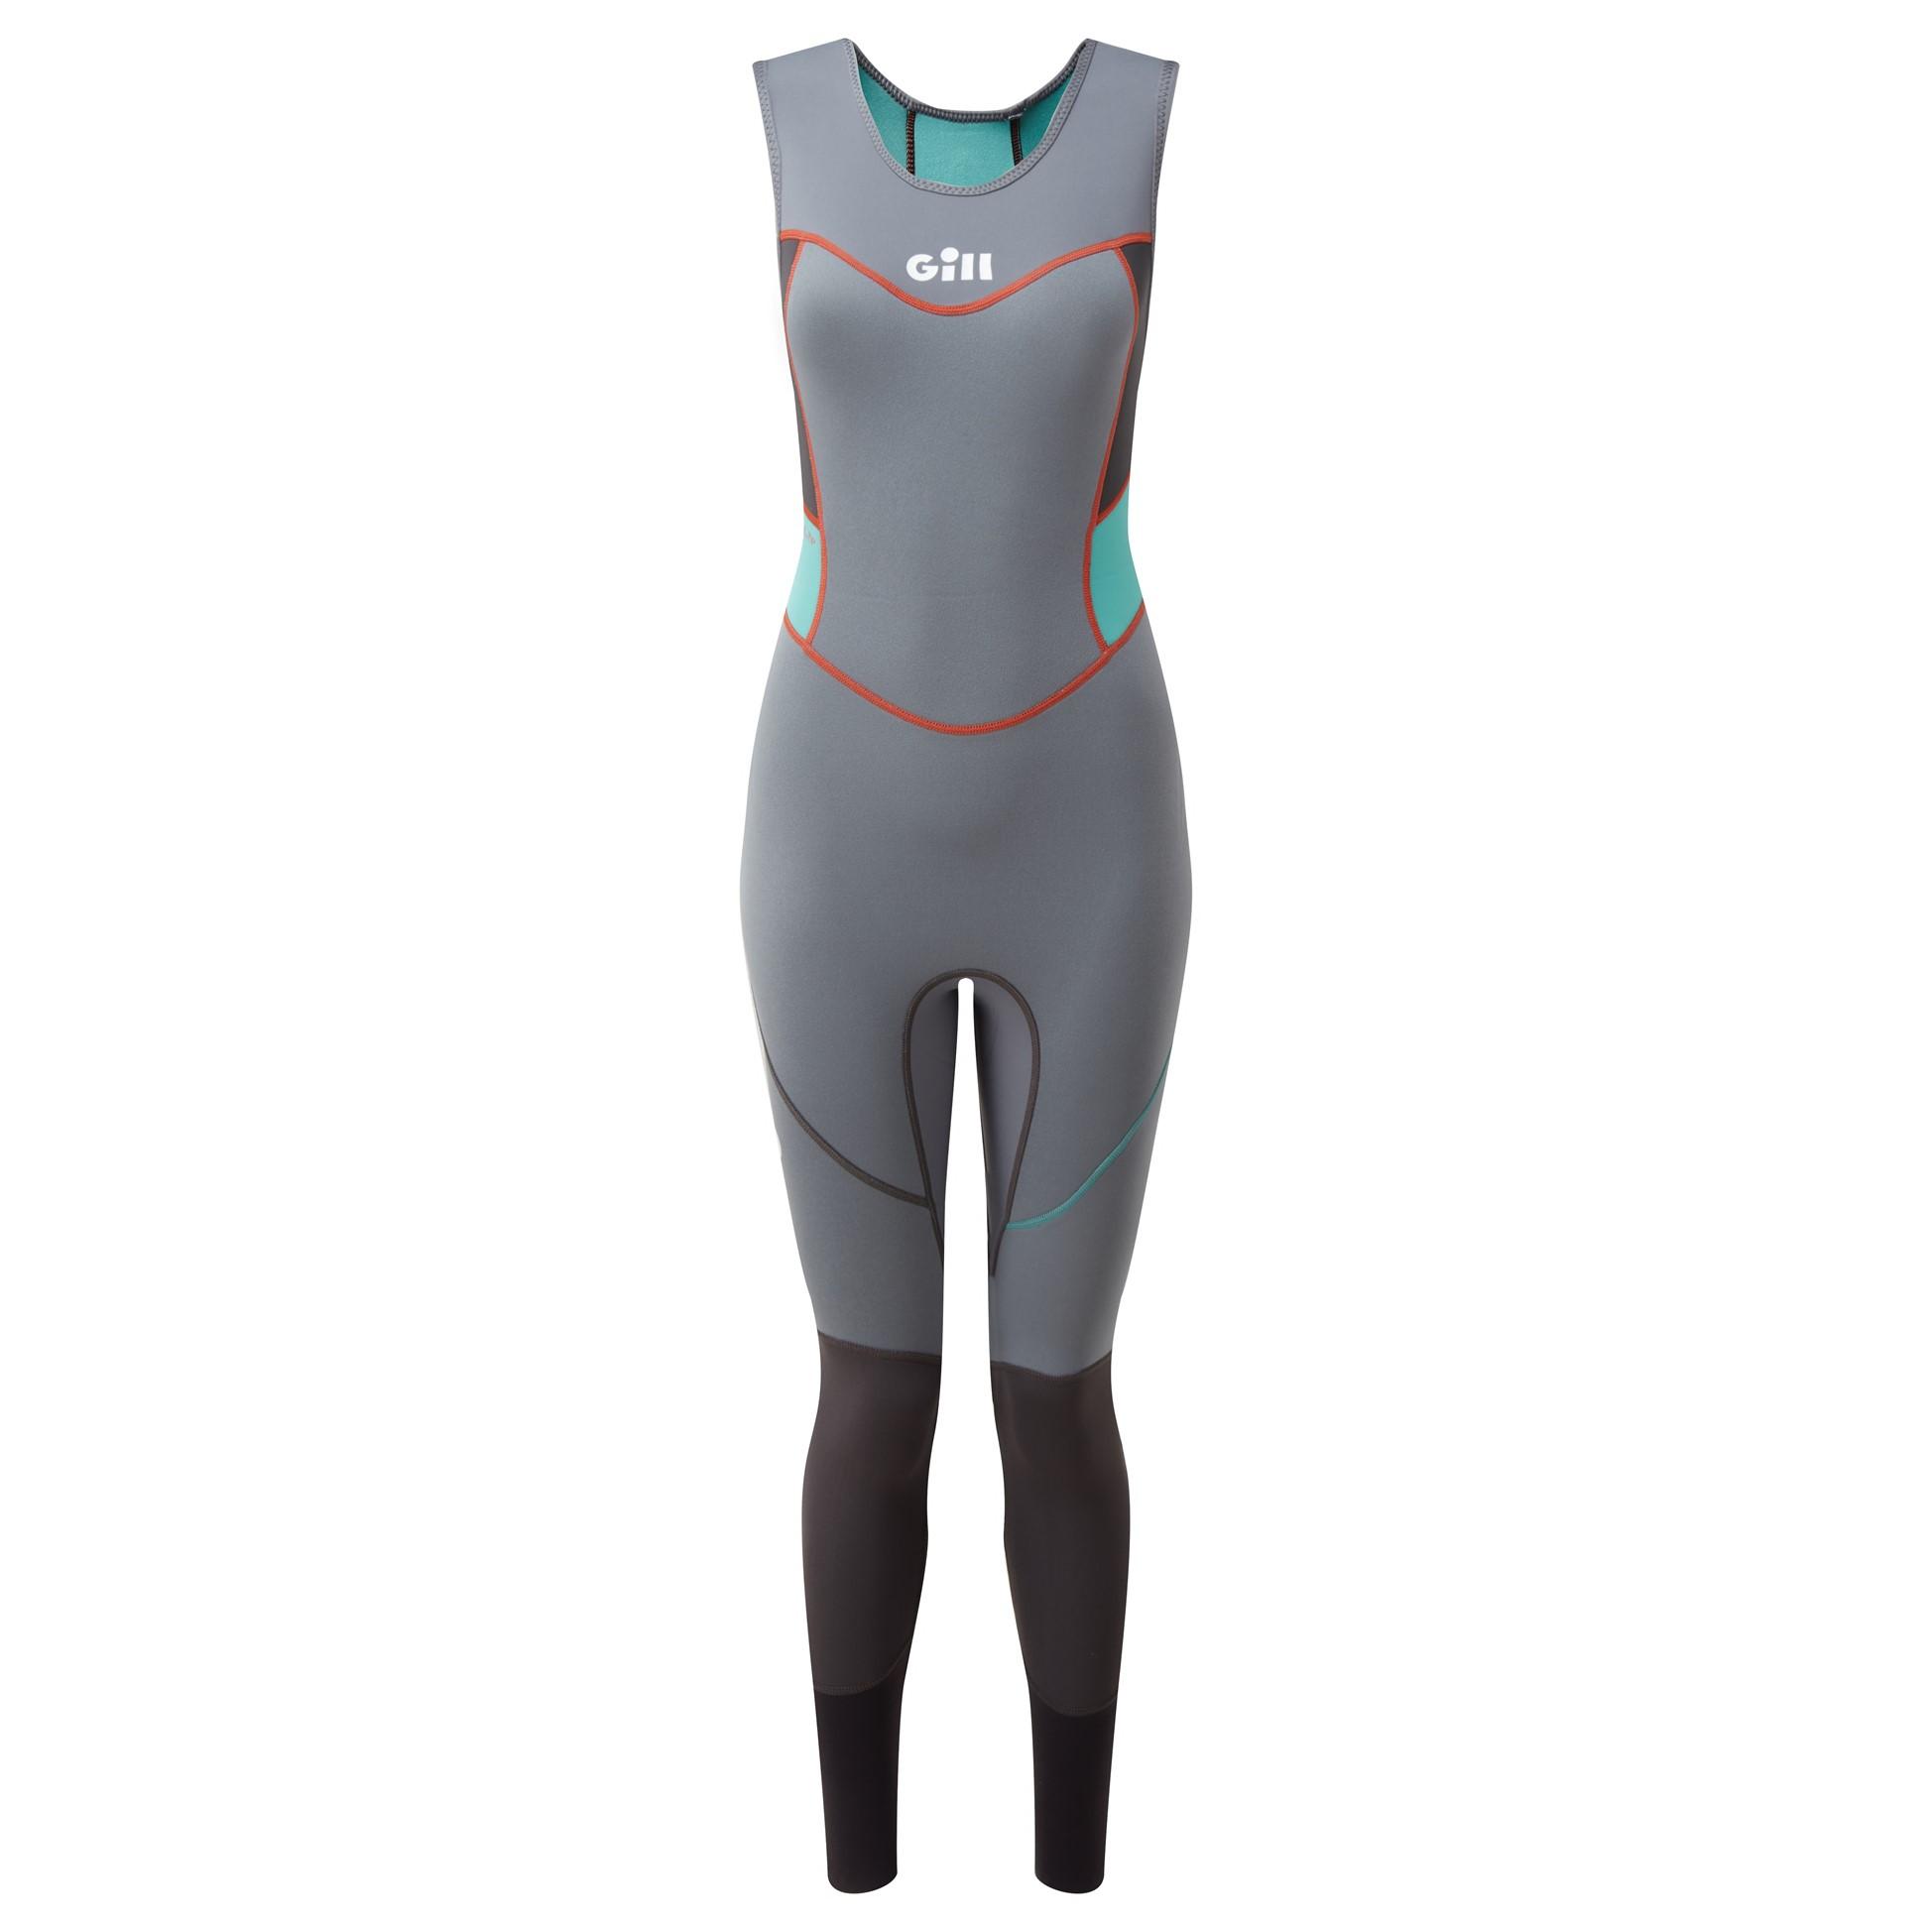 Gill Zenlite Skiff Suit Women's (5002W)